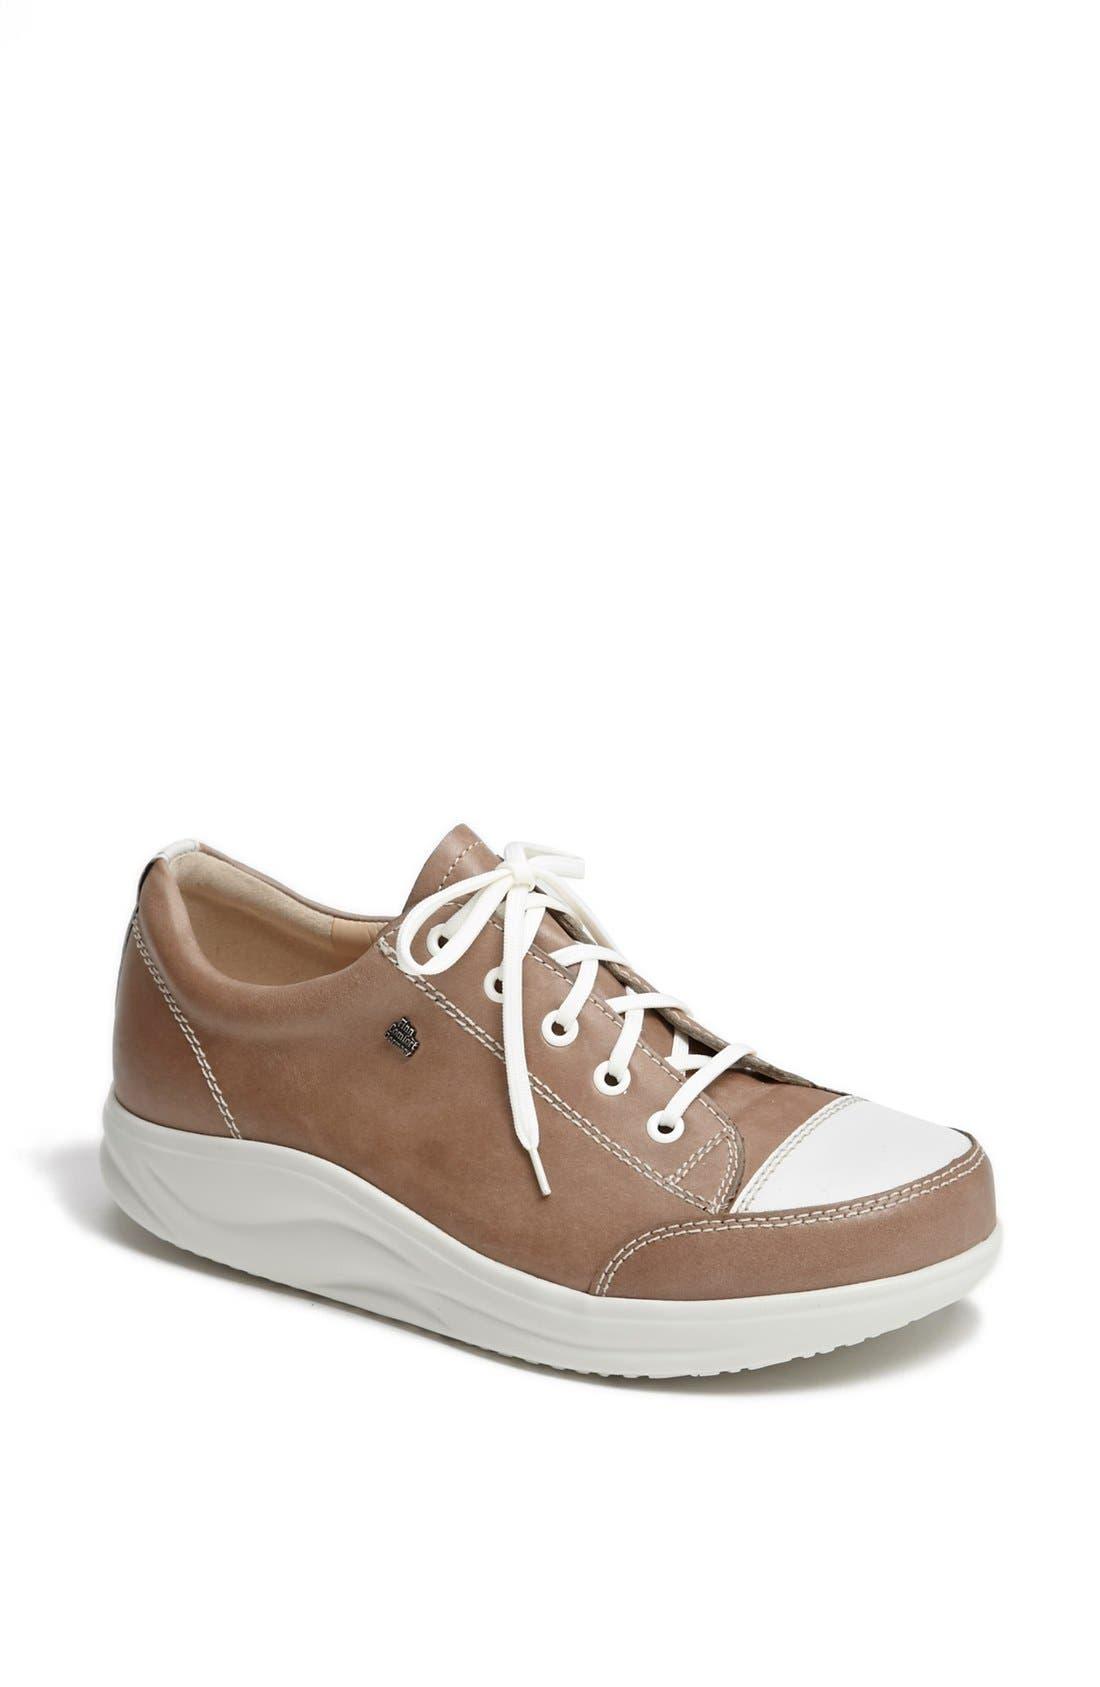 FINNAMIC by Finn Comfort 'Ikebukuro' Walking Shoe